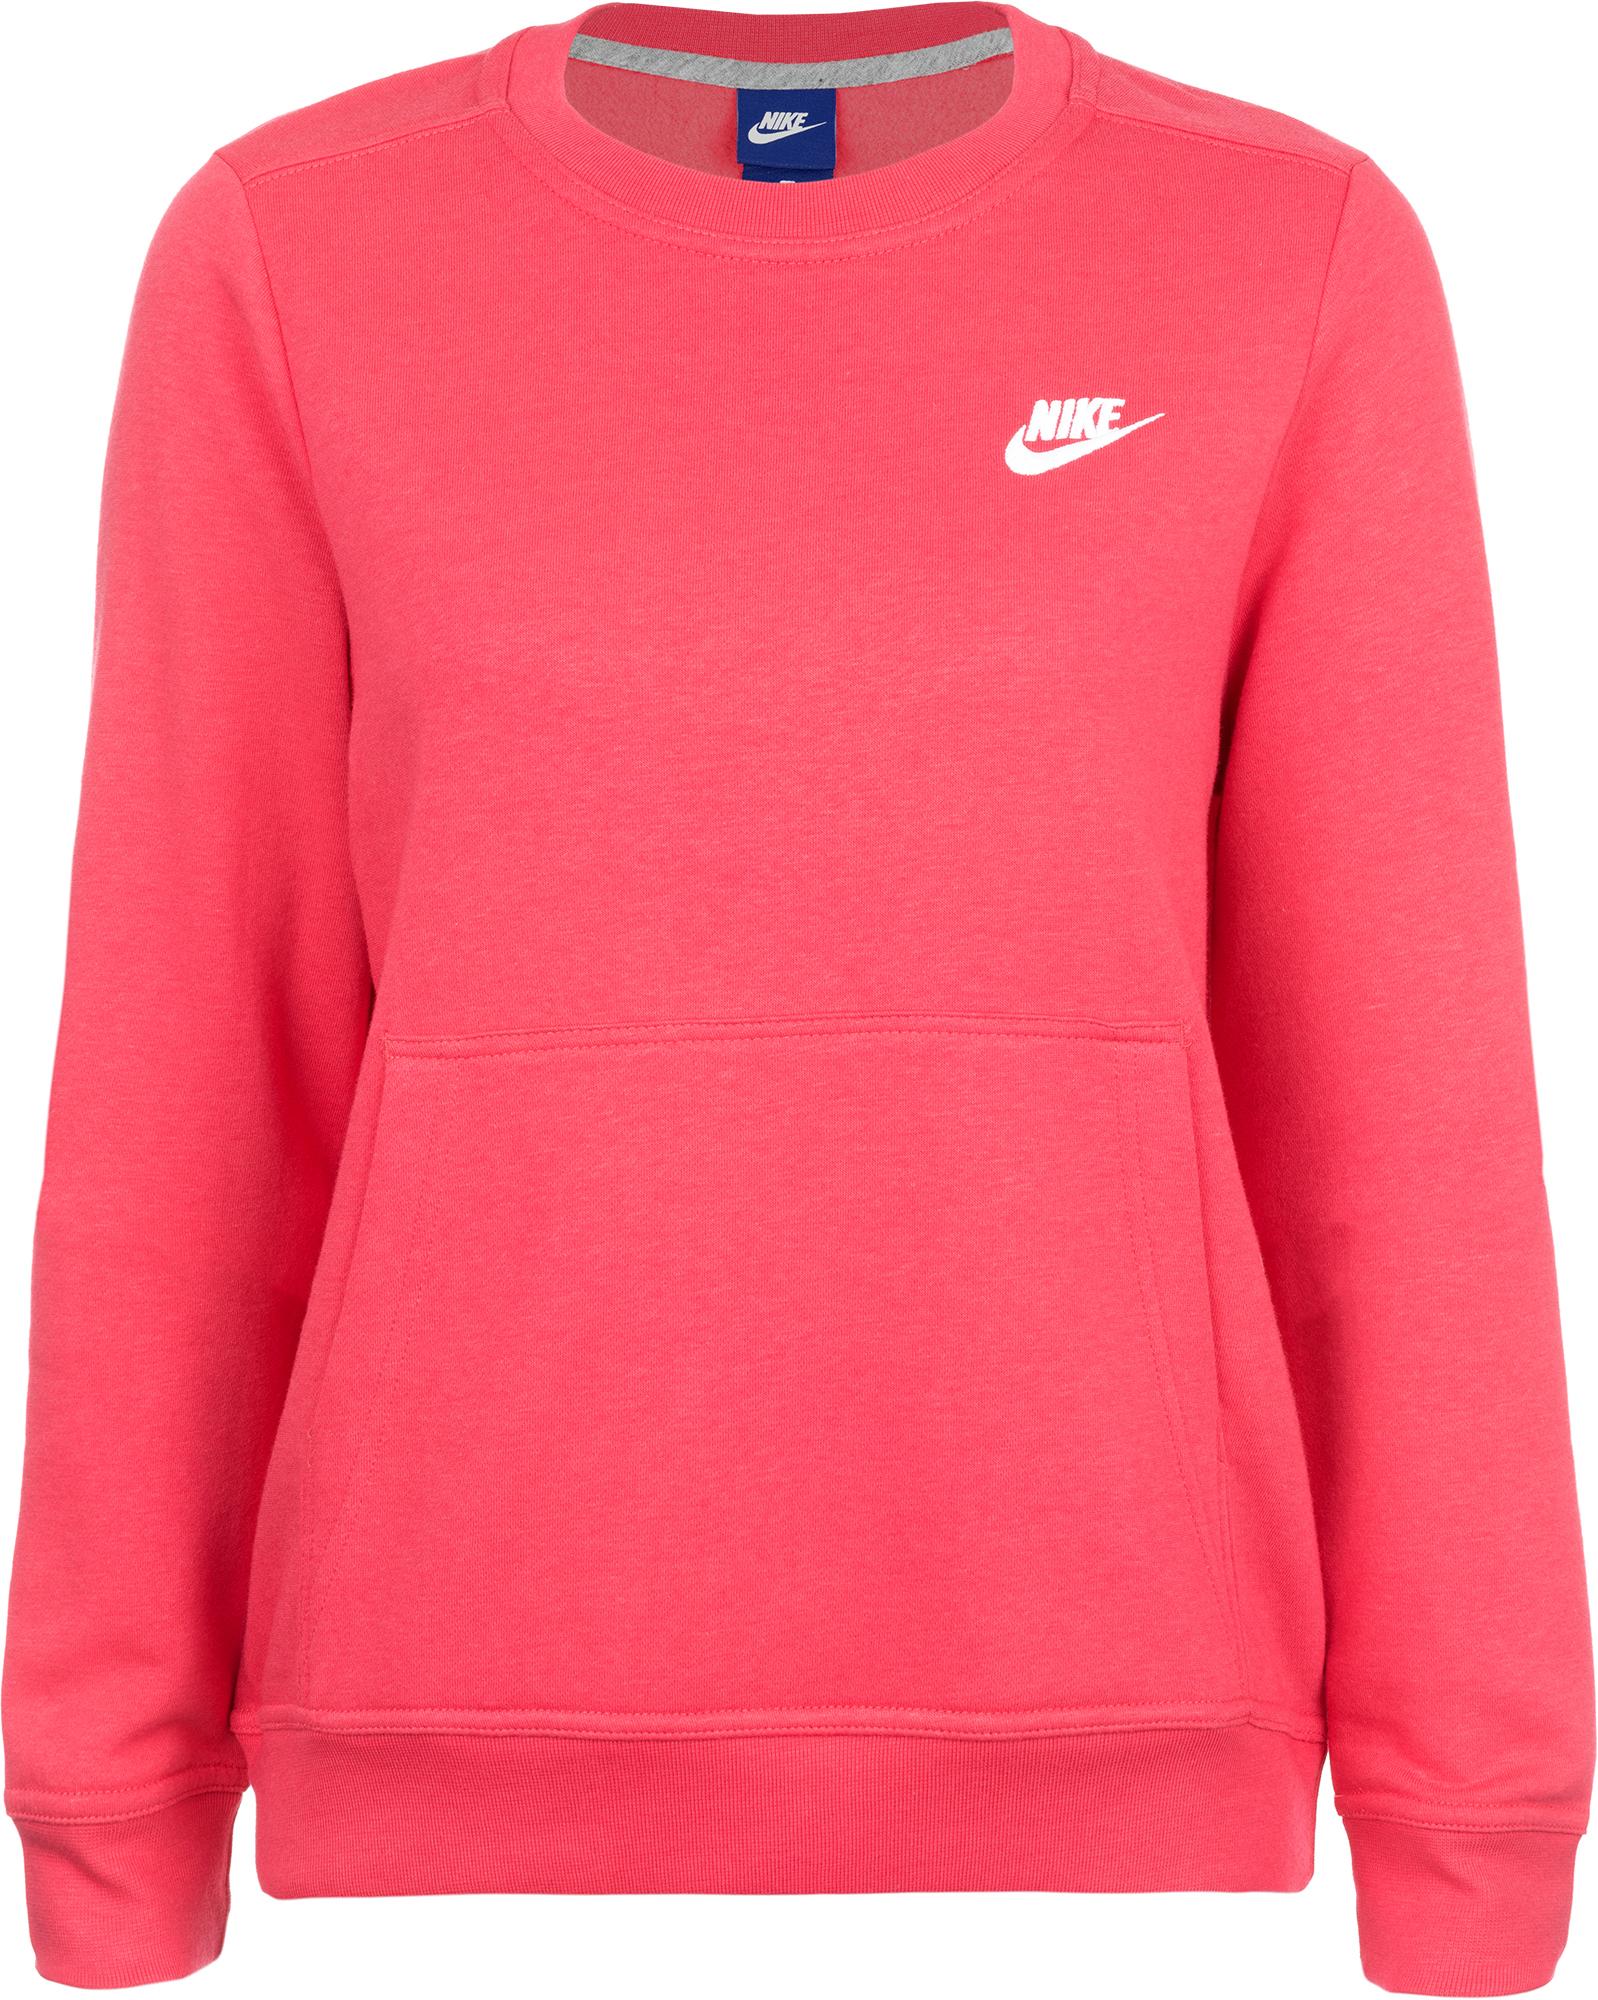 Nike Джемпер женский Nike Sportswear Crew nike ni464dufb649 nike